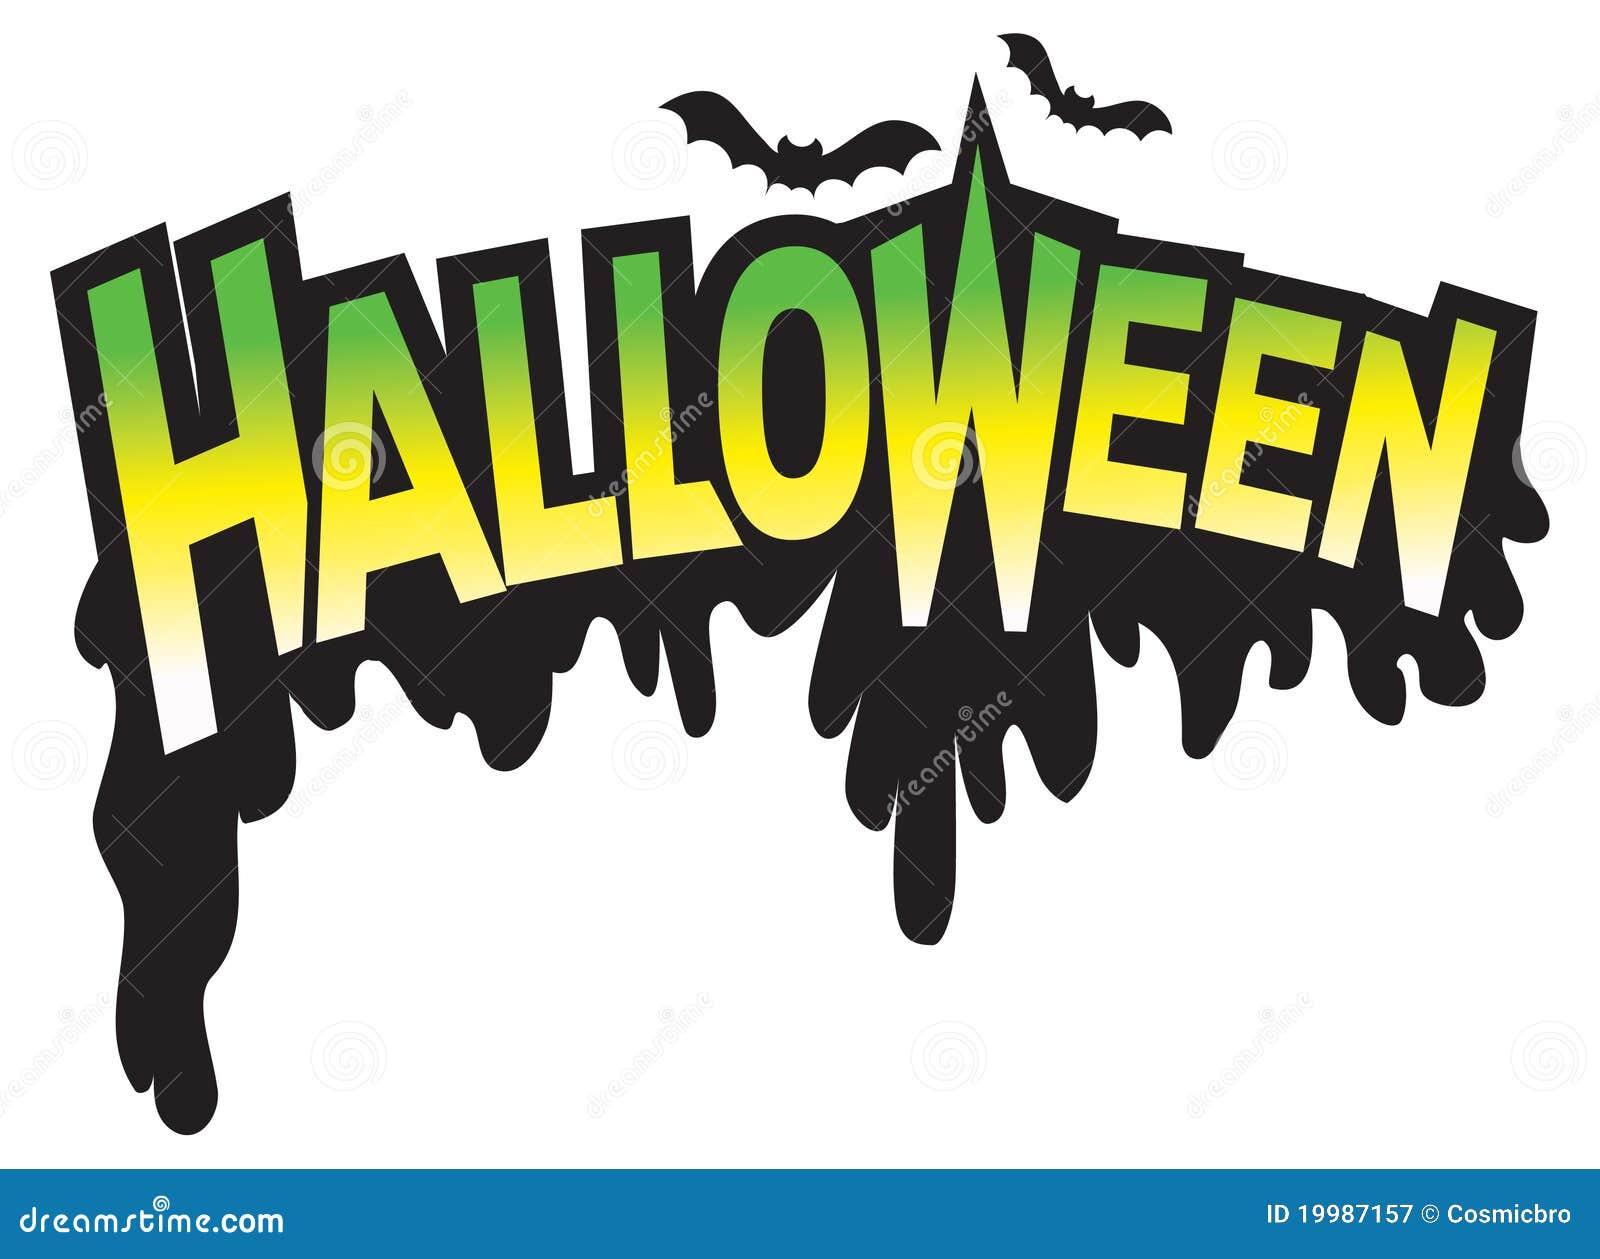 halloween type graphic logo stock vector illustration of type  illustration 19987157 halloween signage vector Halloween Stencils